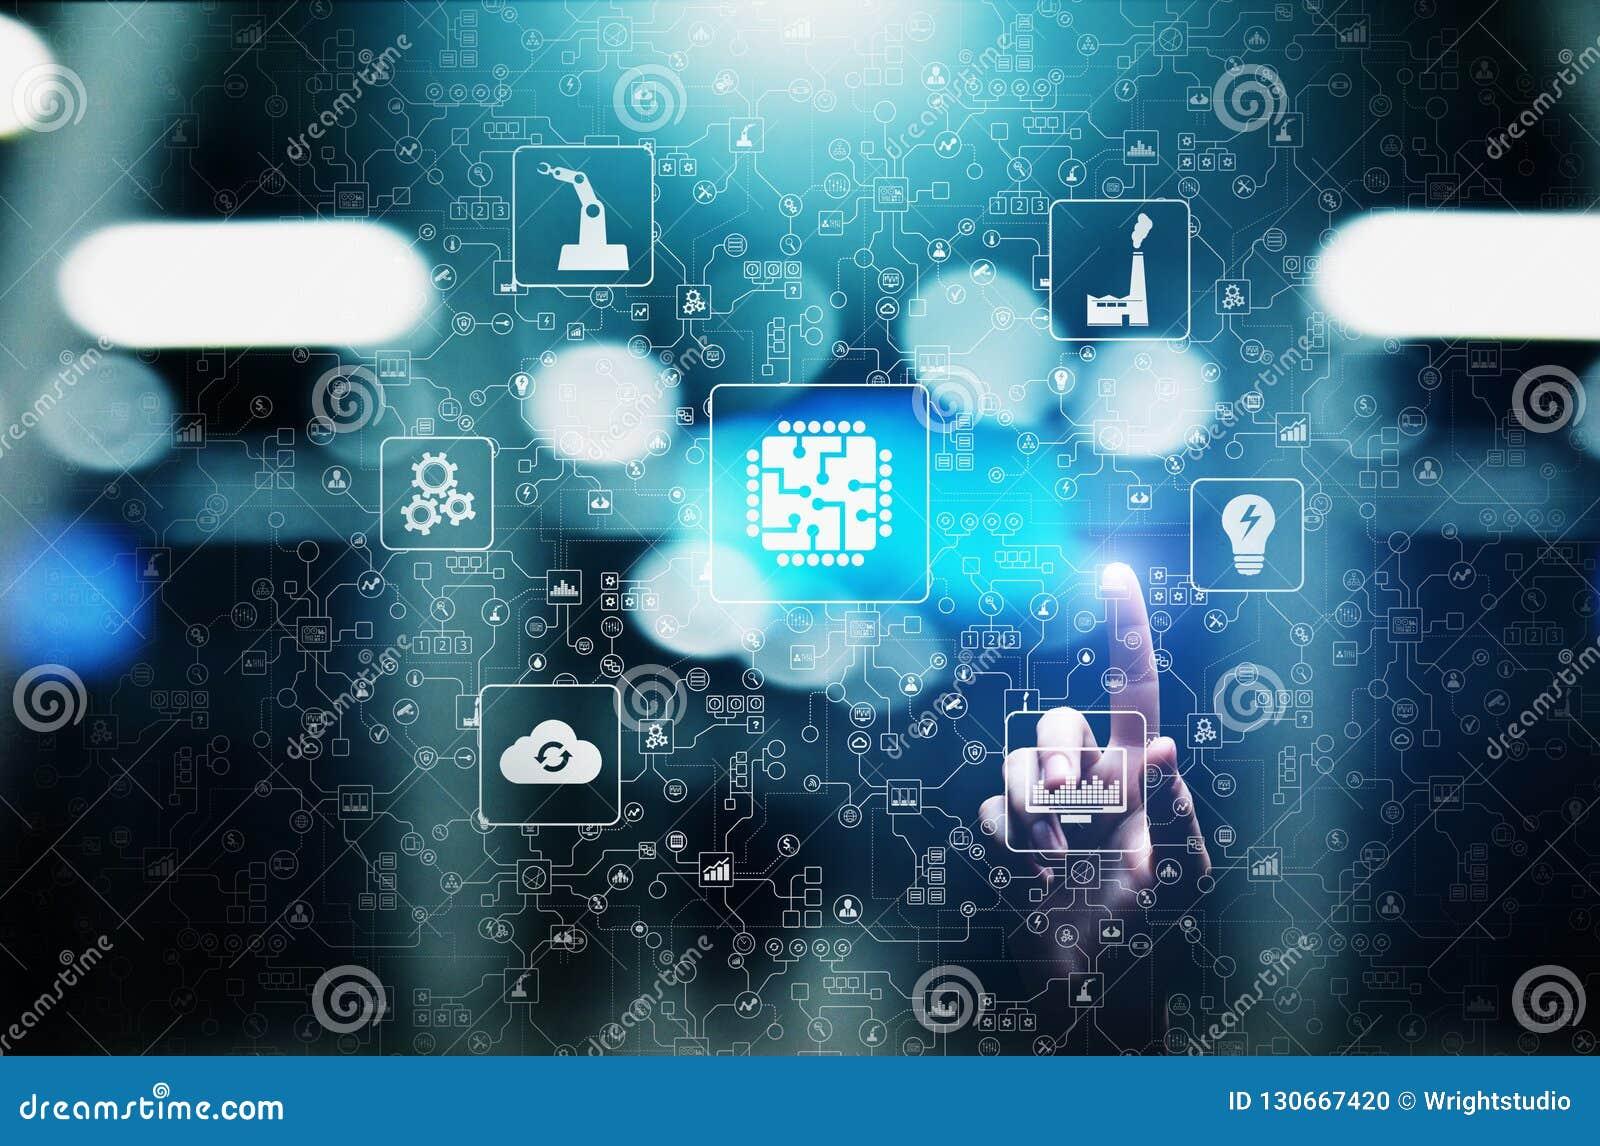 Mikrochips, konstgjord intelligens, automation och internet av saker IOT, Digital integration begrepp isolerad teknologiwhite